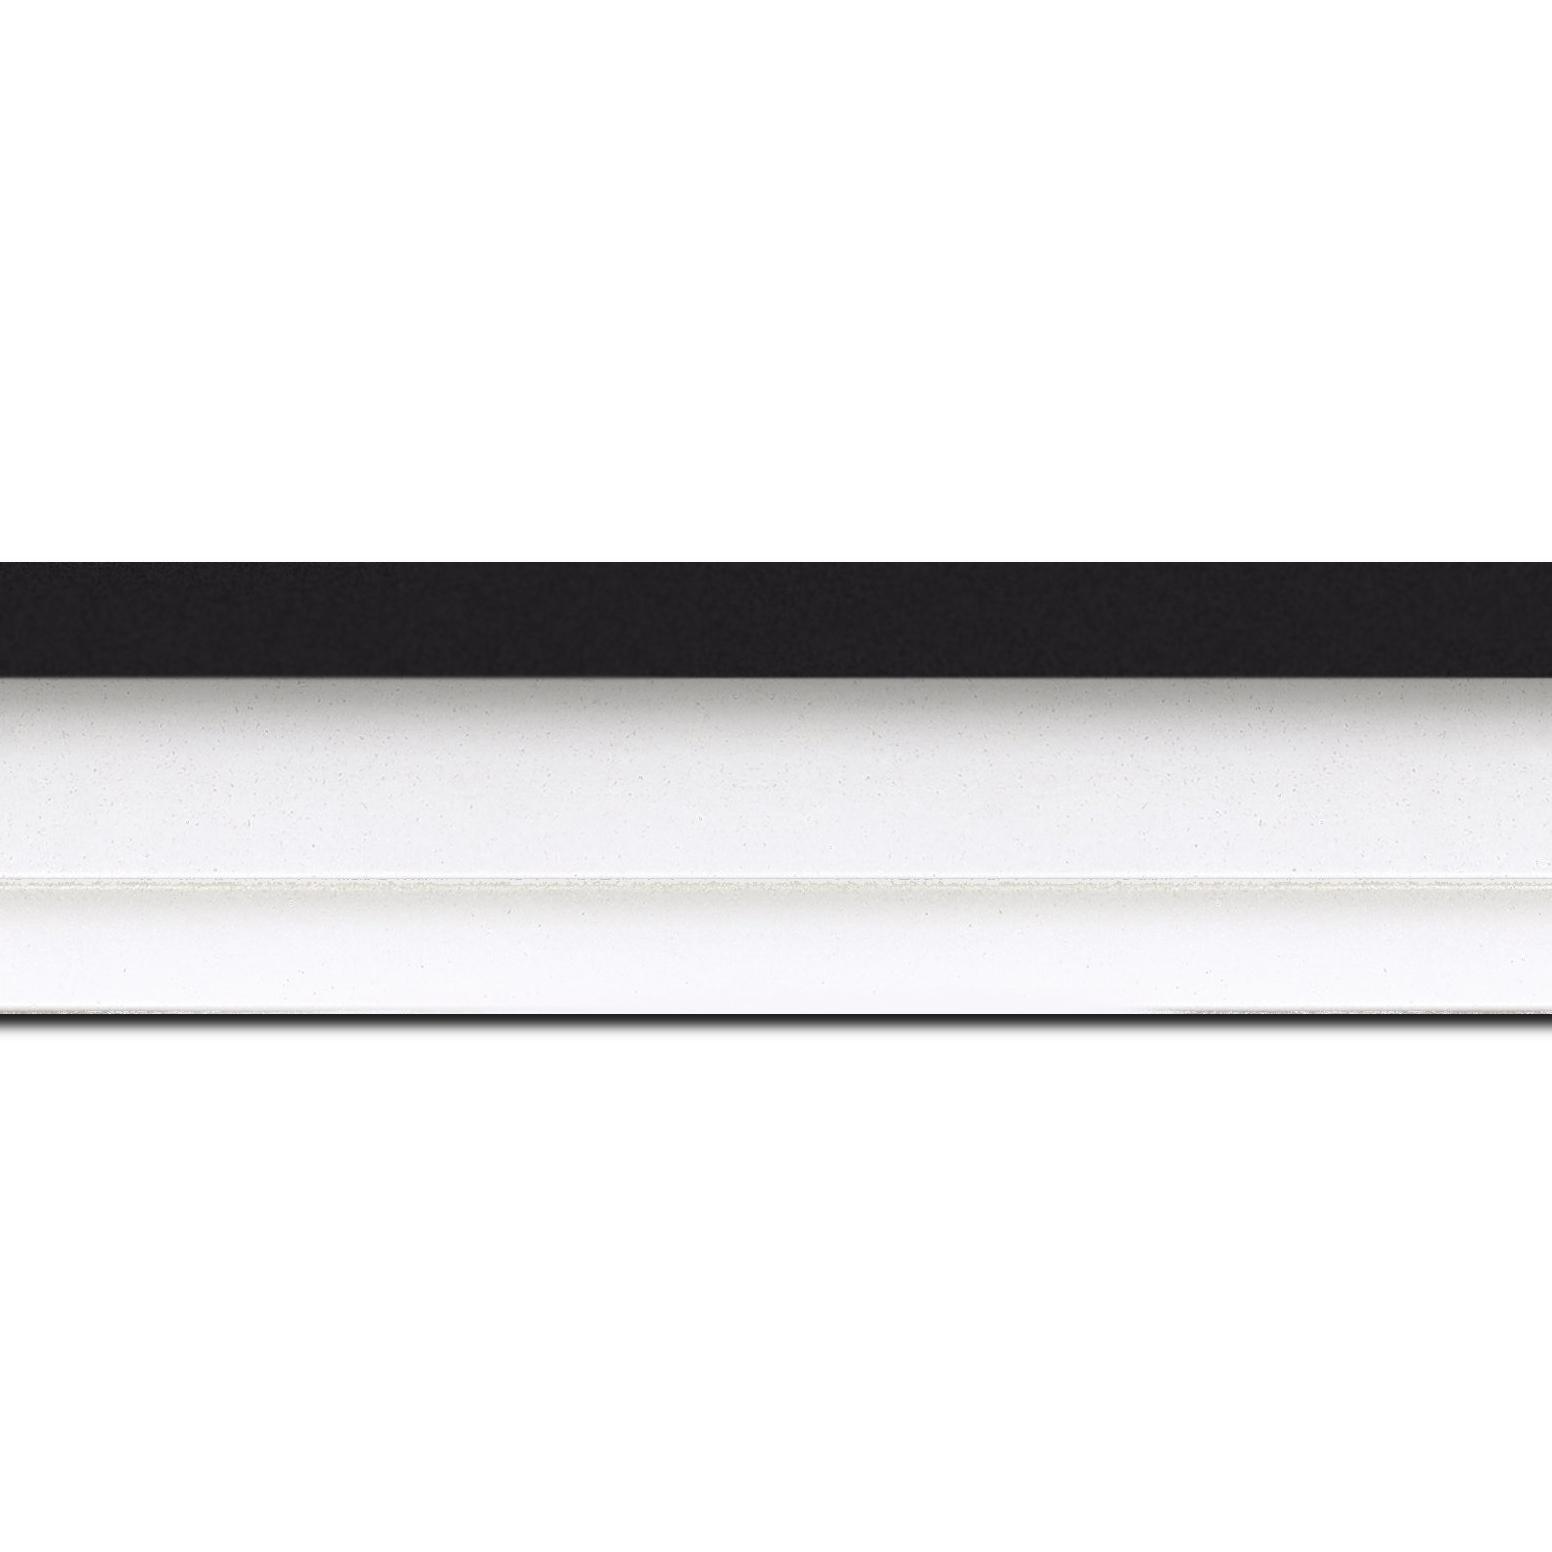 Baguette longueur 1.40m bois caisse américaine profil escalier largeur 4.4cm blanc mat filet noir (spécialement conçu pour les châssis d'une épaisseur jusqu'à 2.5cm )